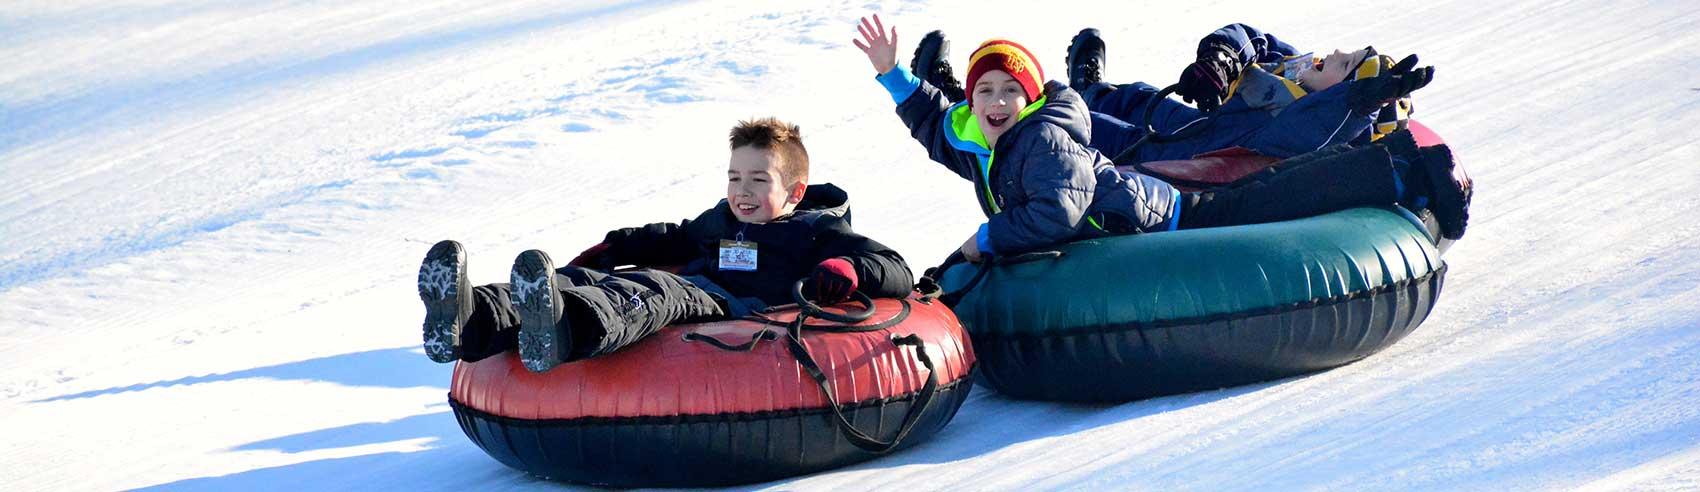 kids-snow-tubing